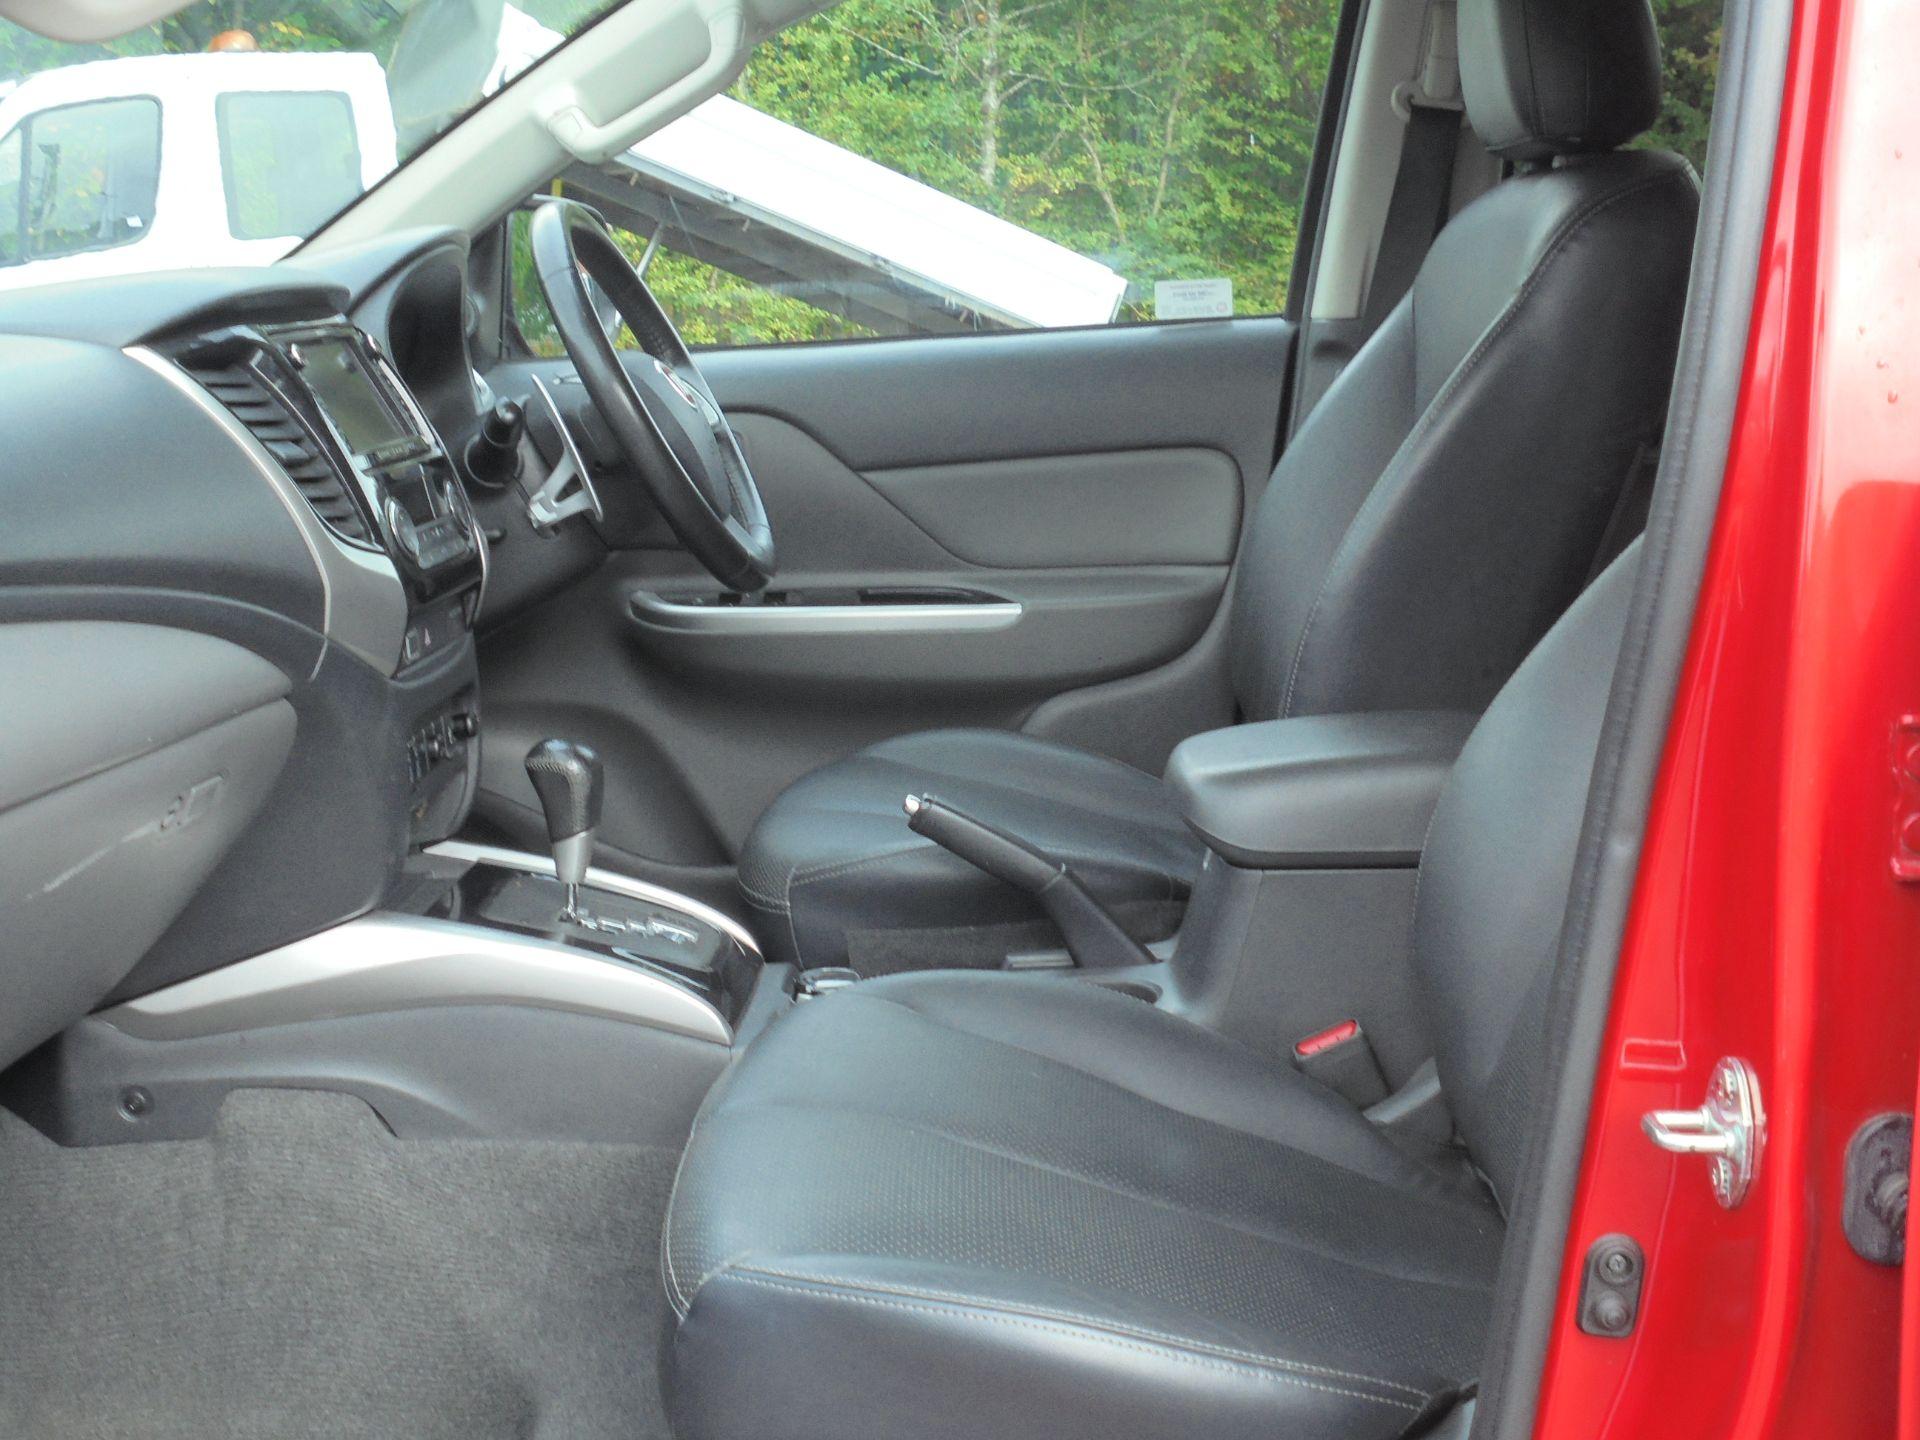 2018 Fiat Fullback 2.4 180Hp Lx Double Cab Pick Up Auto (WM18KWG) Image 5